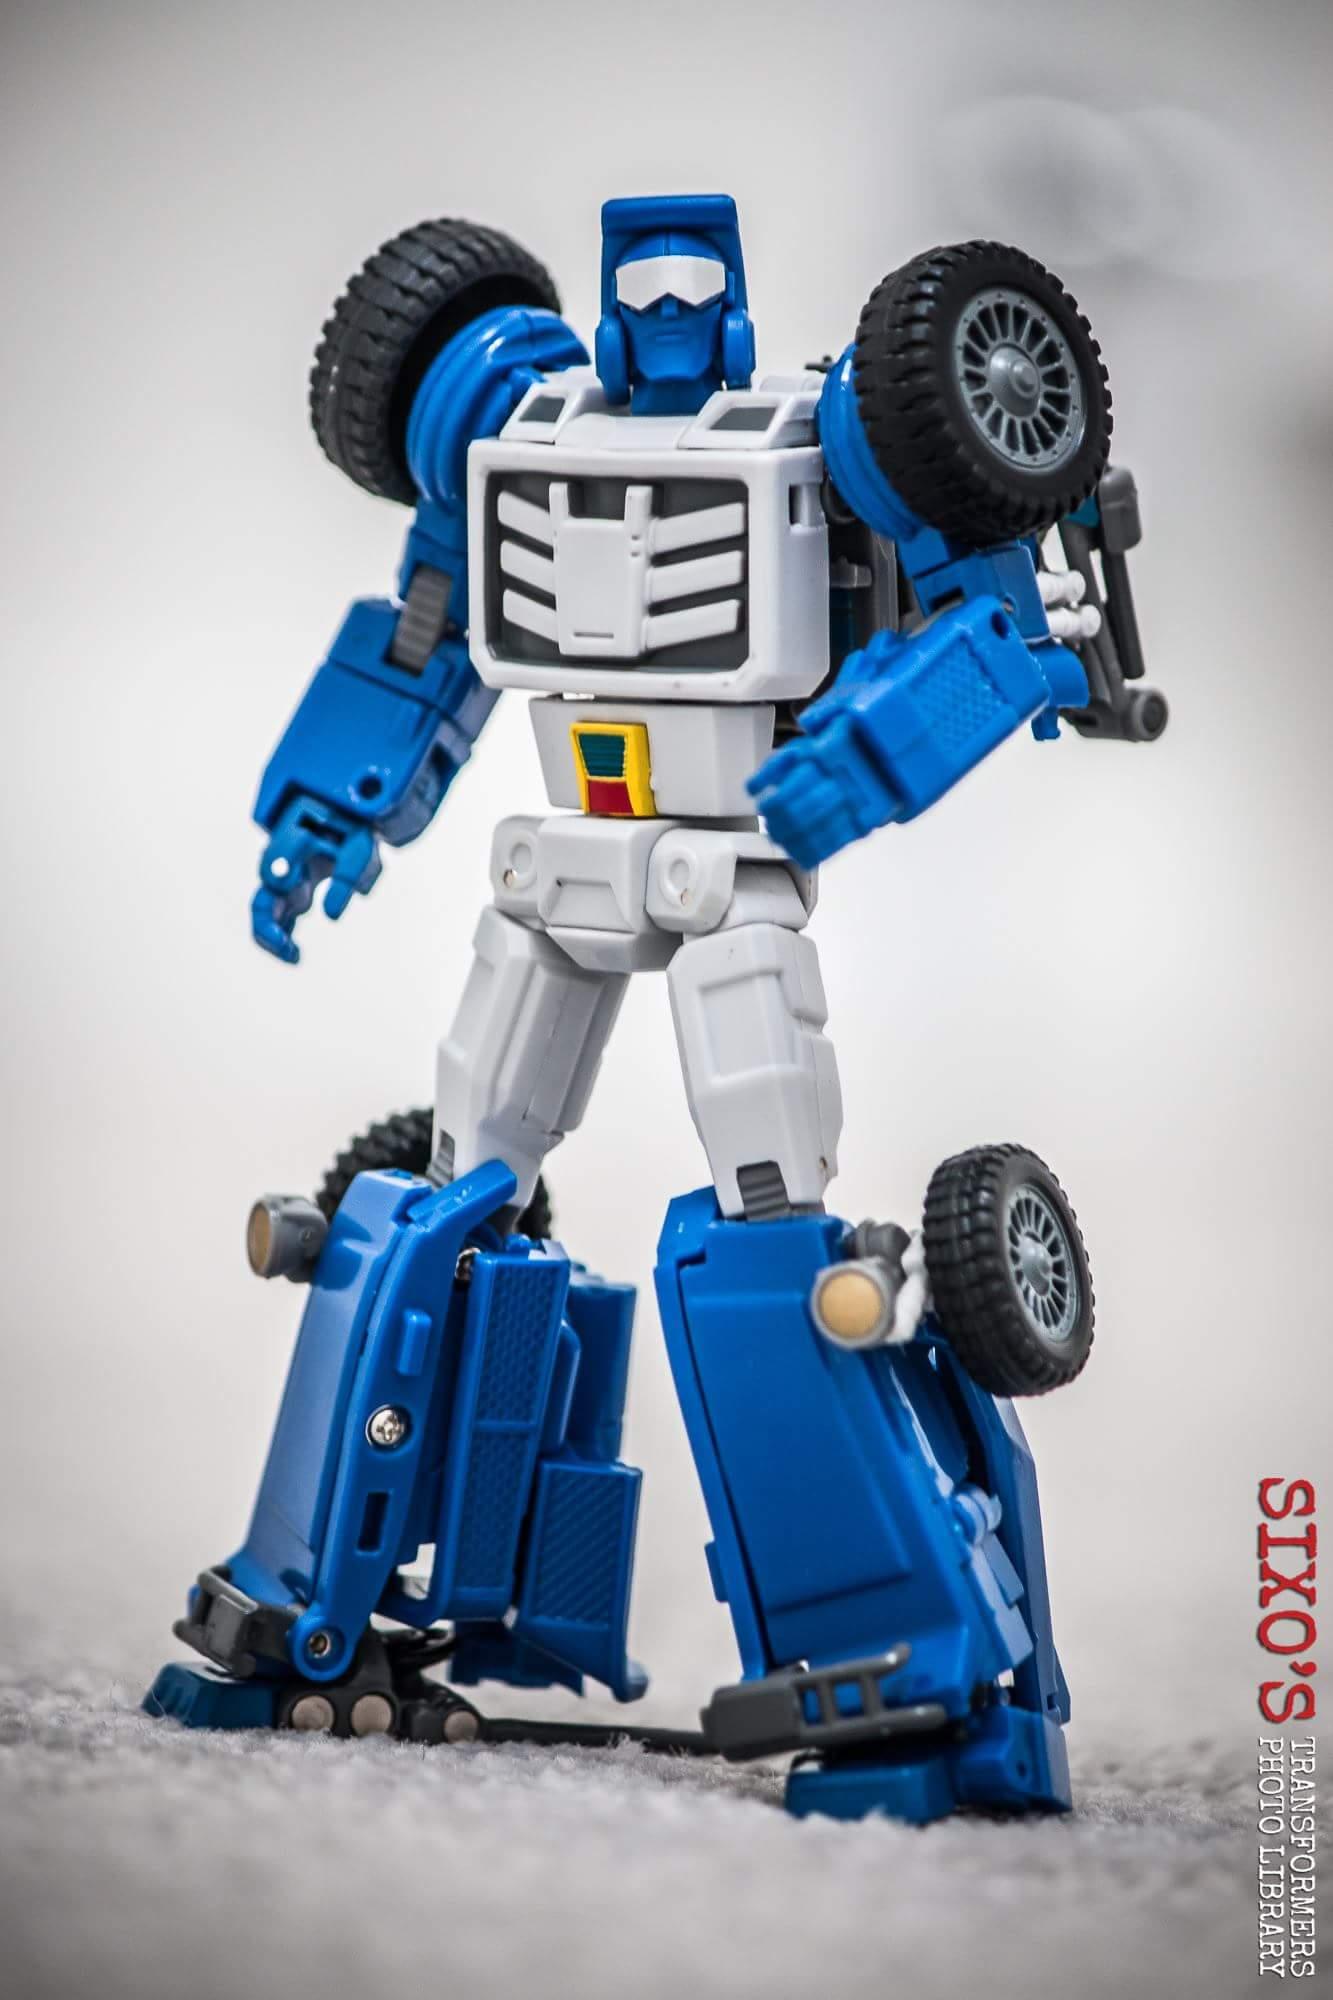 [X-Transbots] Produit Tiers - Minibots MP - Gamme MM - Page 6 4K4JPq0T